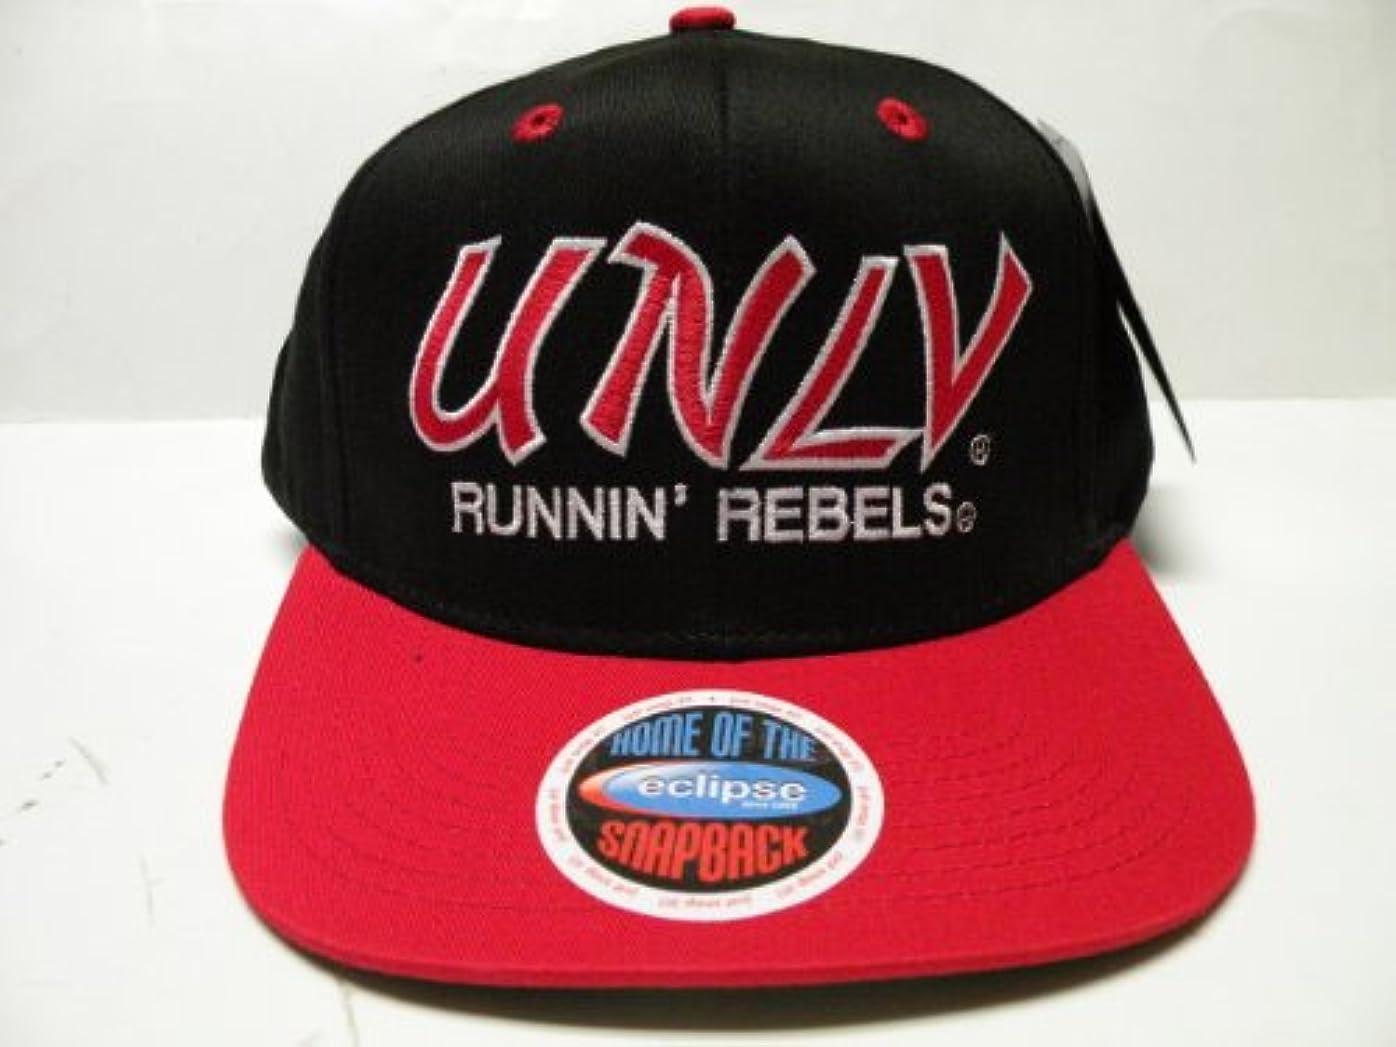 後行う剃るラスベガスネバダ州NCAA UNLV Rebelsスクリプトブラック2トーンスナップバックキャップ